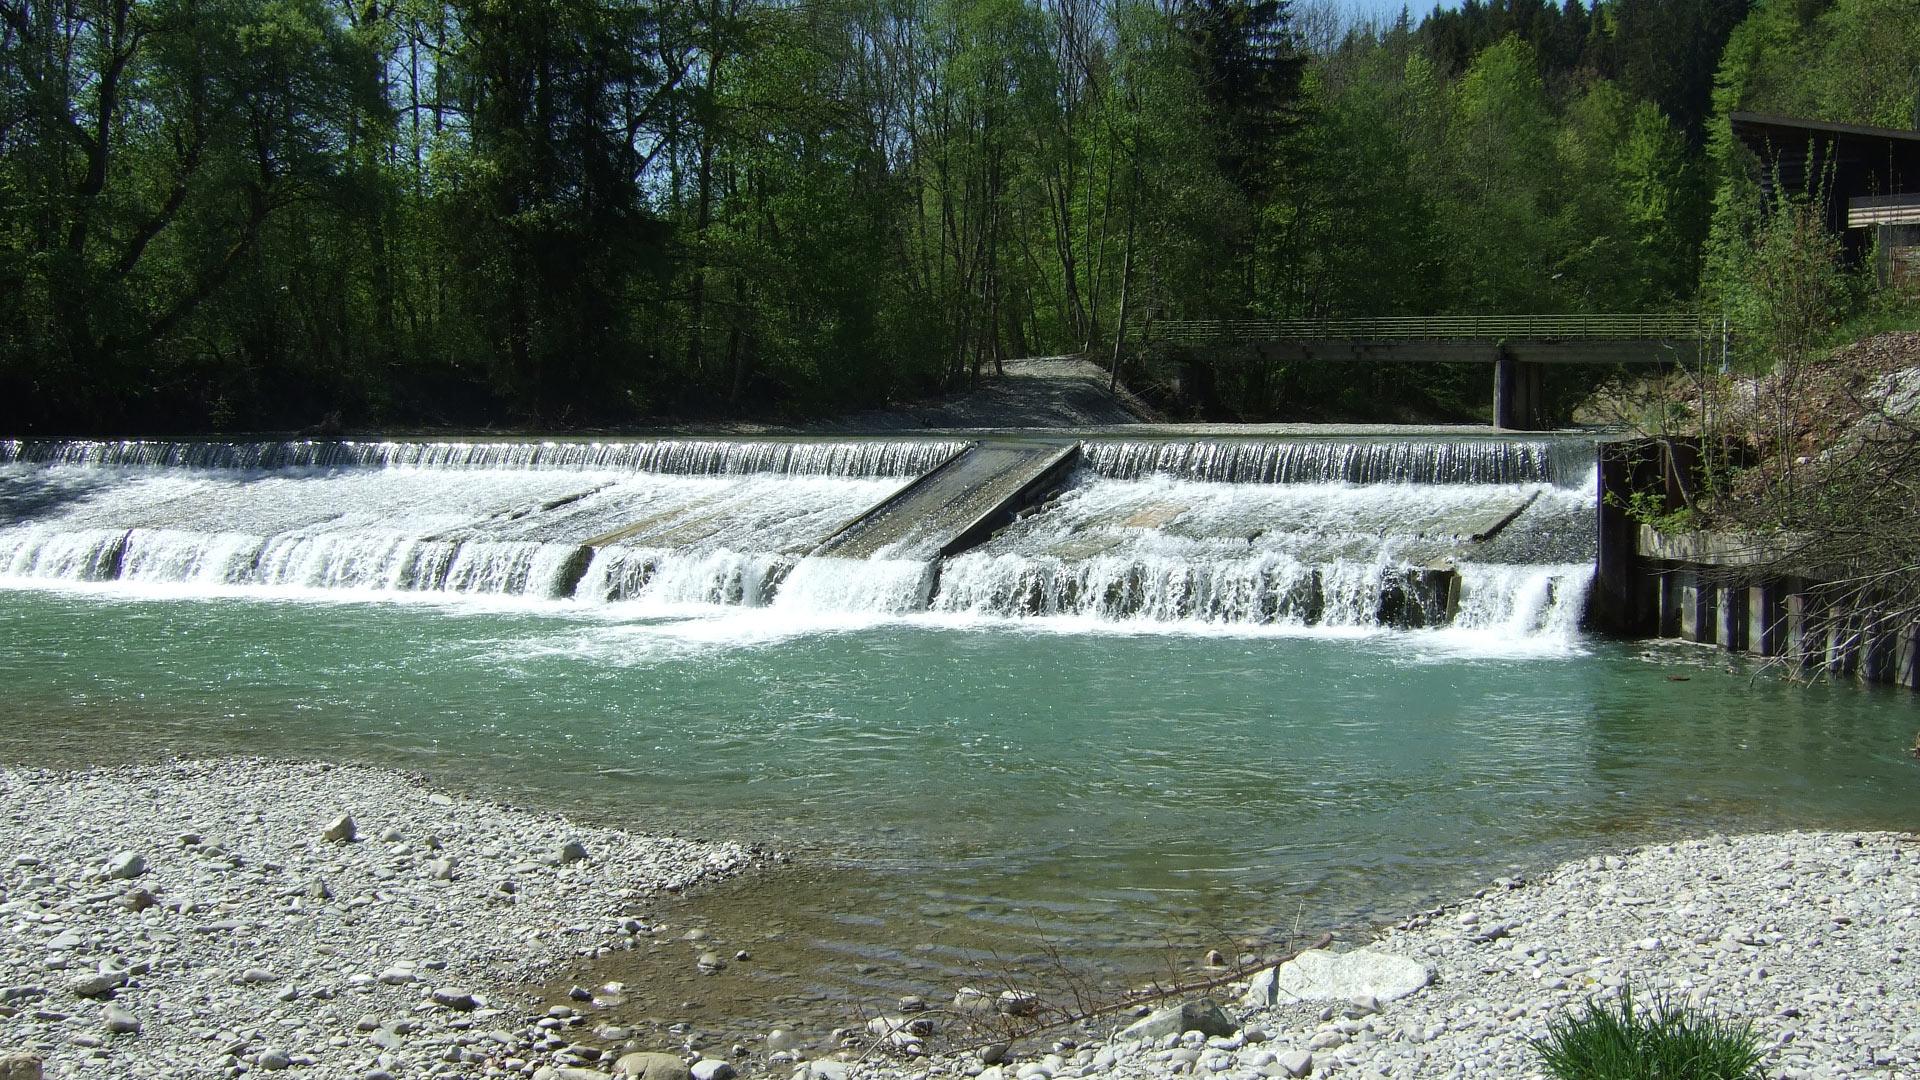 Mehr Wildflüsse: Alle 500 Meter ein Querbauwerk, das wollen wir ändern. Schon in den 1960er Jahren wurde begonnen, die Ammer zu verbauen. © Annette Herr / WWF